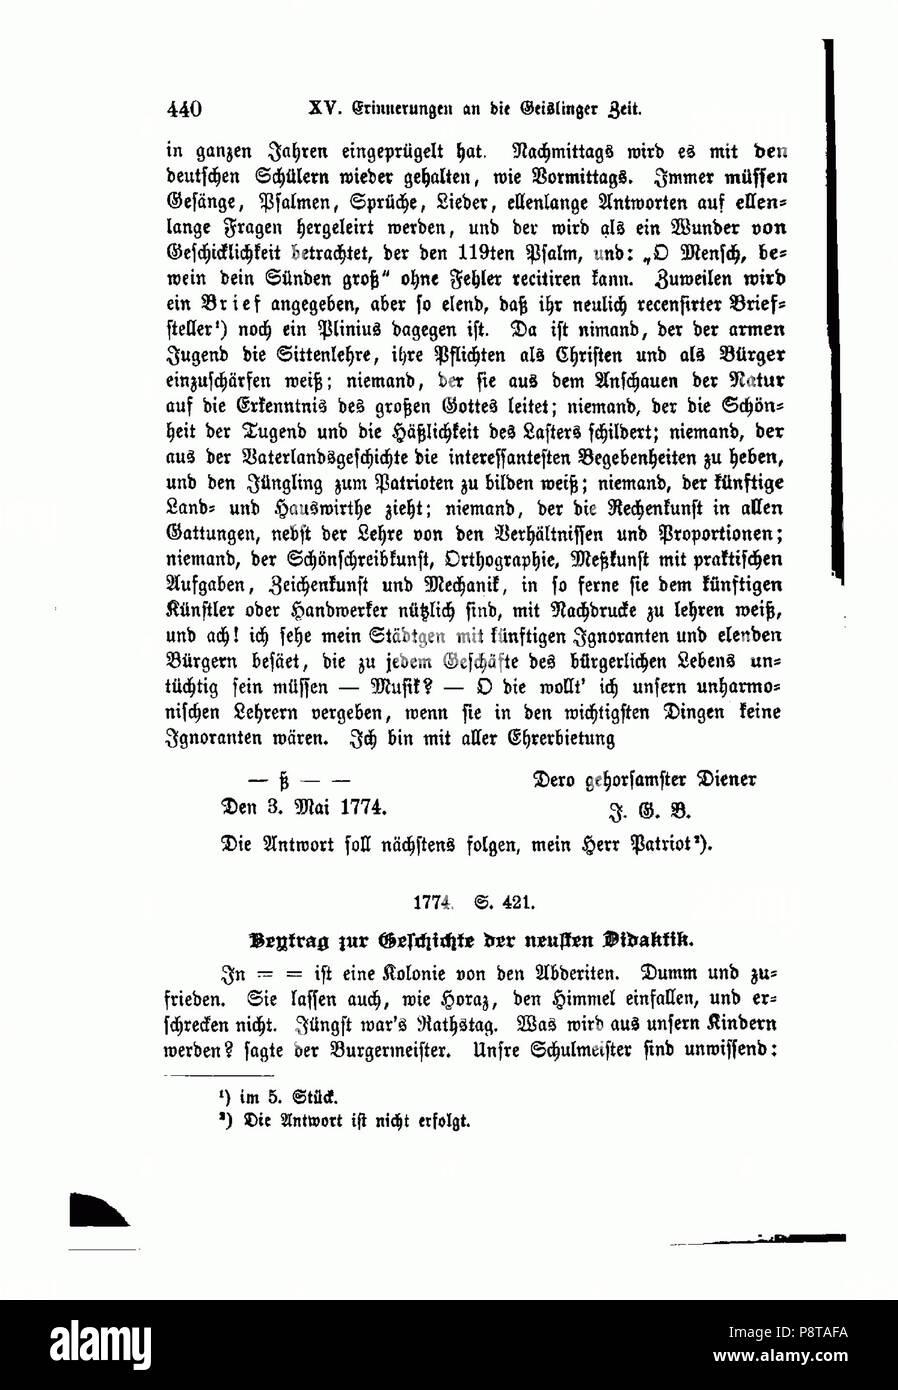 47 Aus Schubarts Leben und Wirken (Nägele 1888) 440 - Stock Image